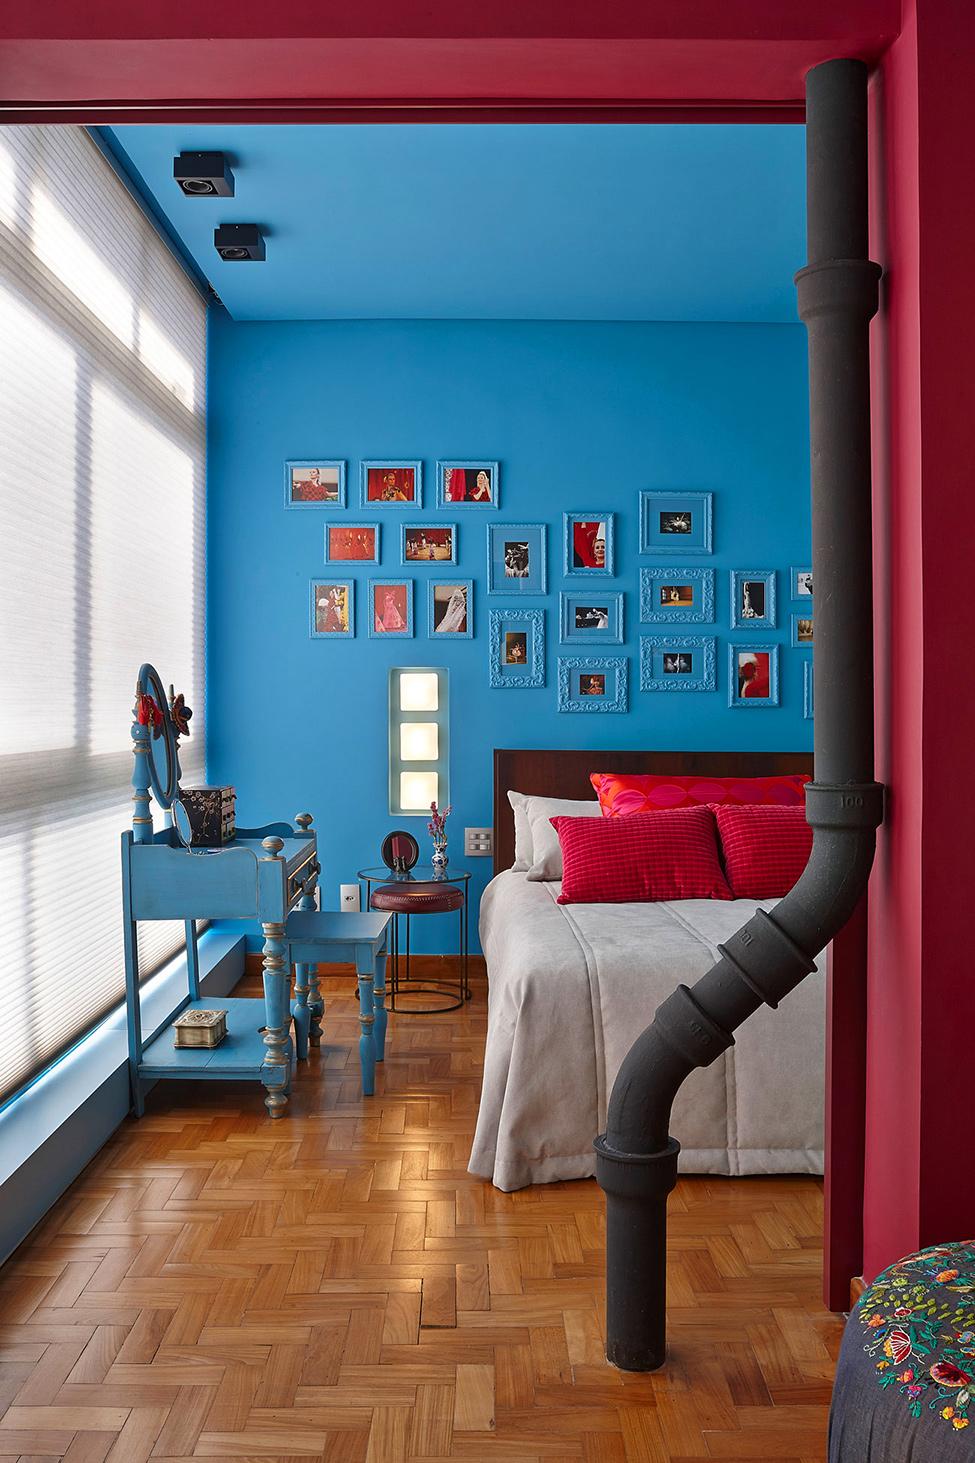 apartament-v-braziliq-pokazva-neveroqten-miks-ot-tsvetove-i-teksturi-910g